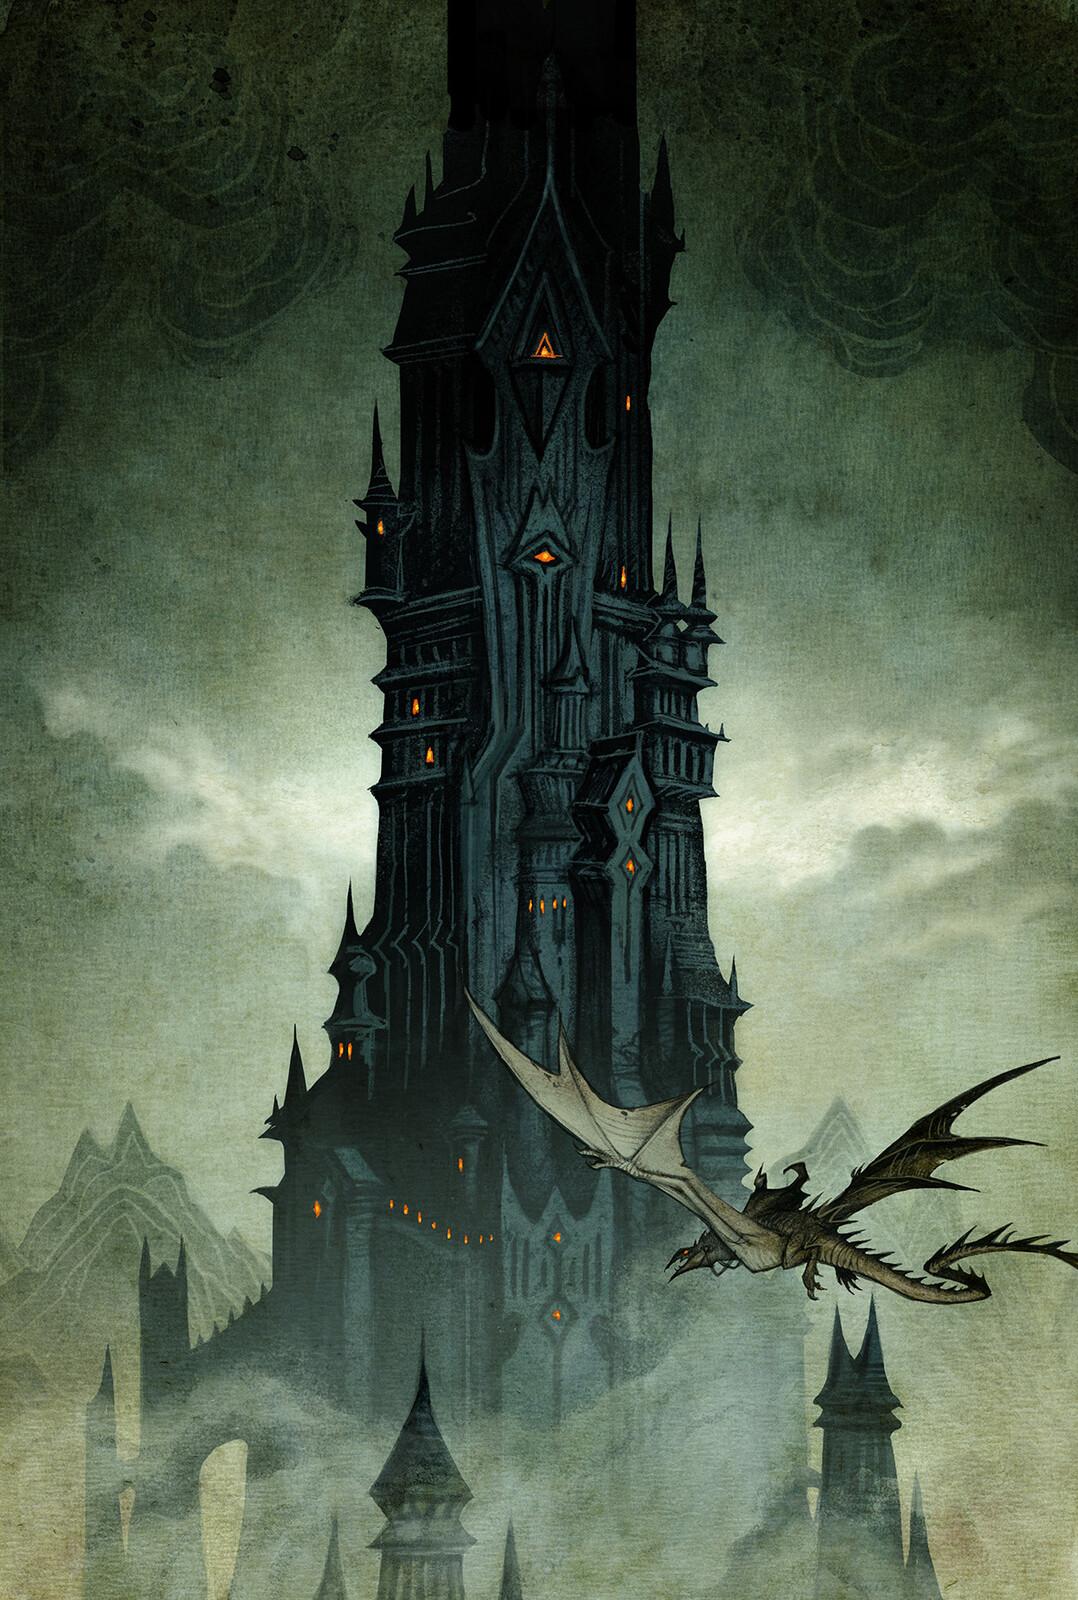 De två tornen / The Two Towers